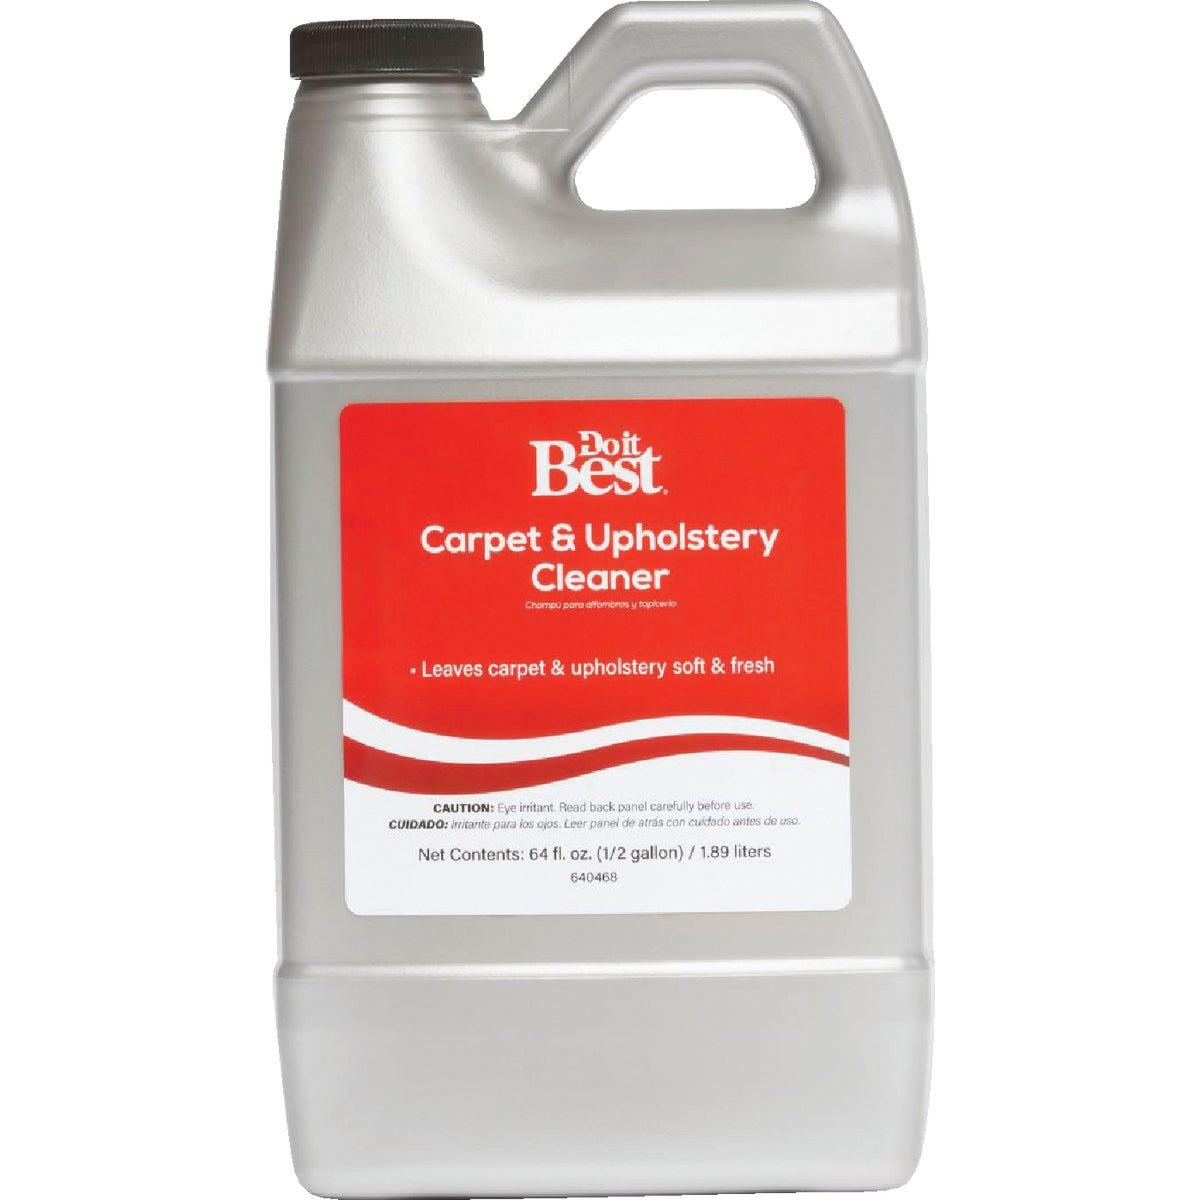 1/2GL CRPT/UPHL CLEANER - DI5429 by Cul Mac Ind